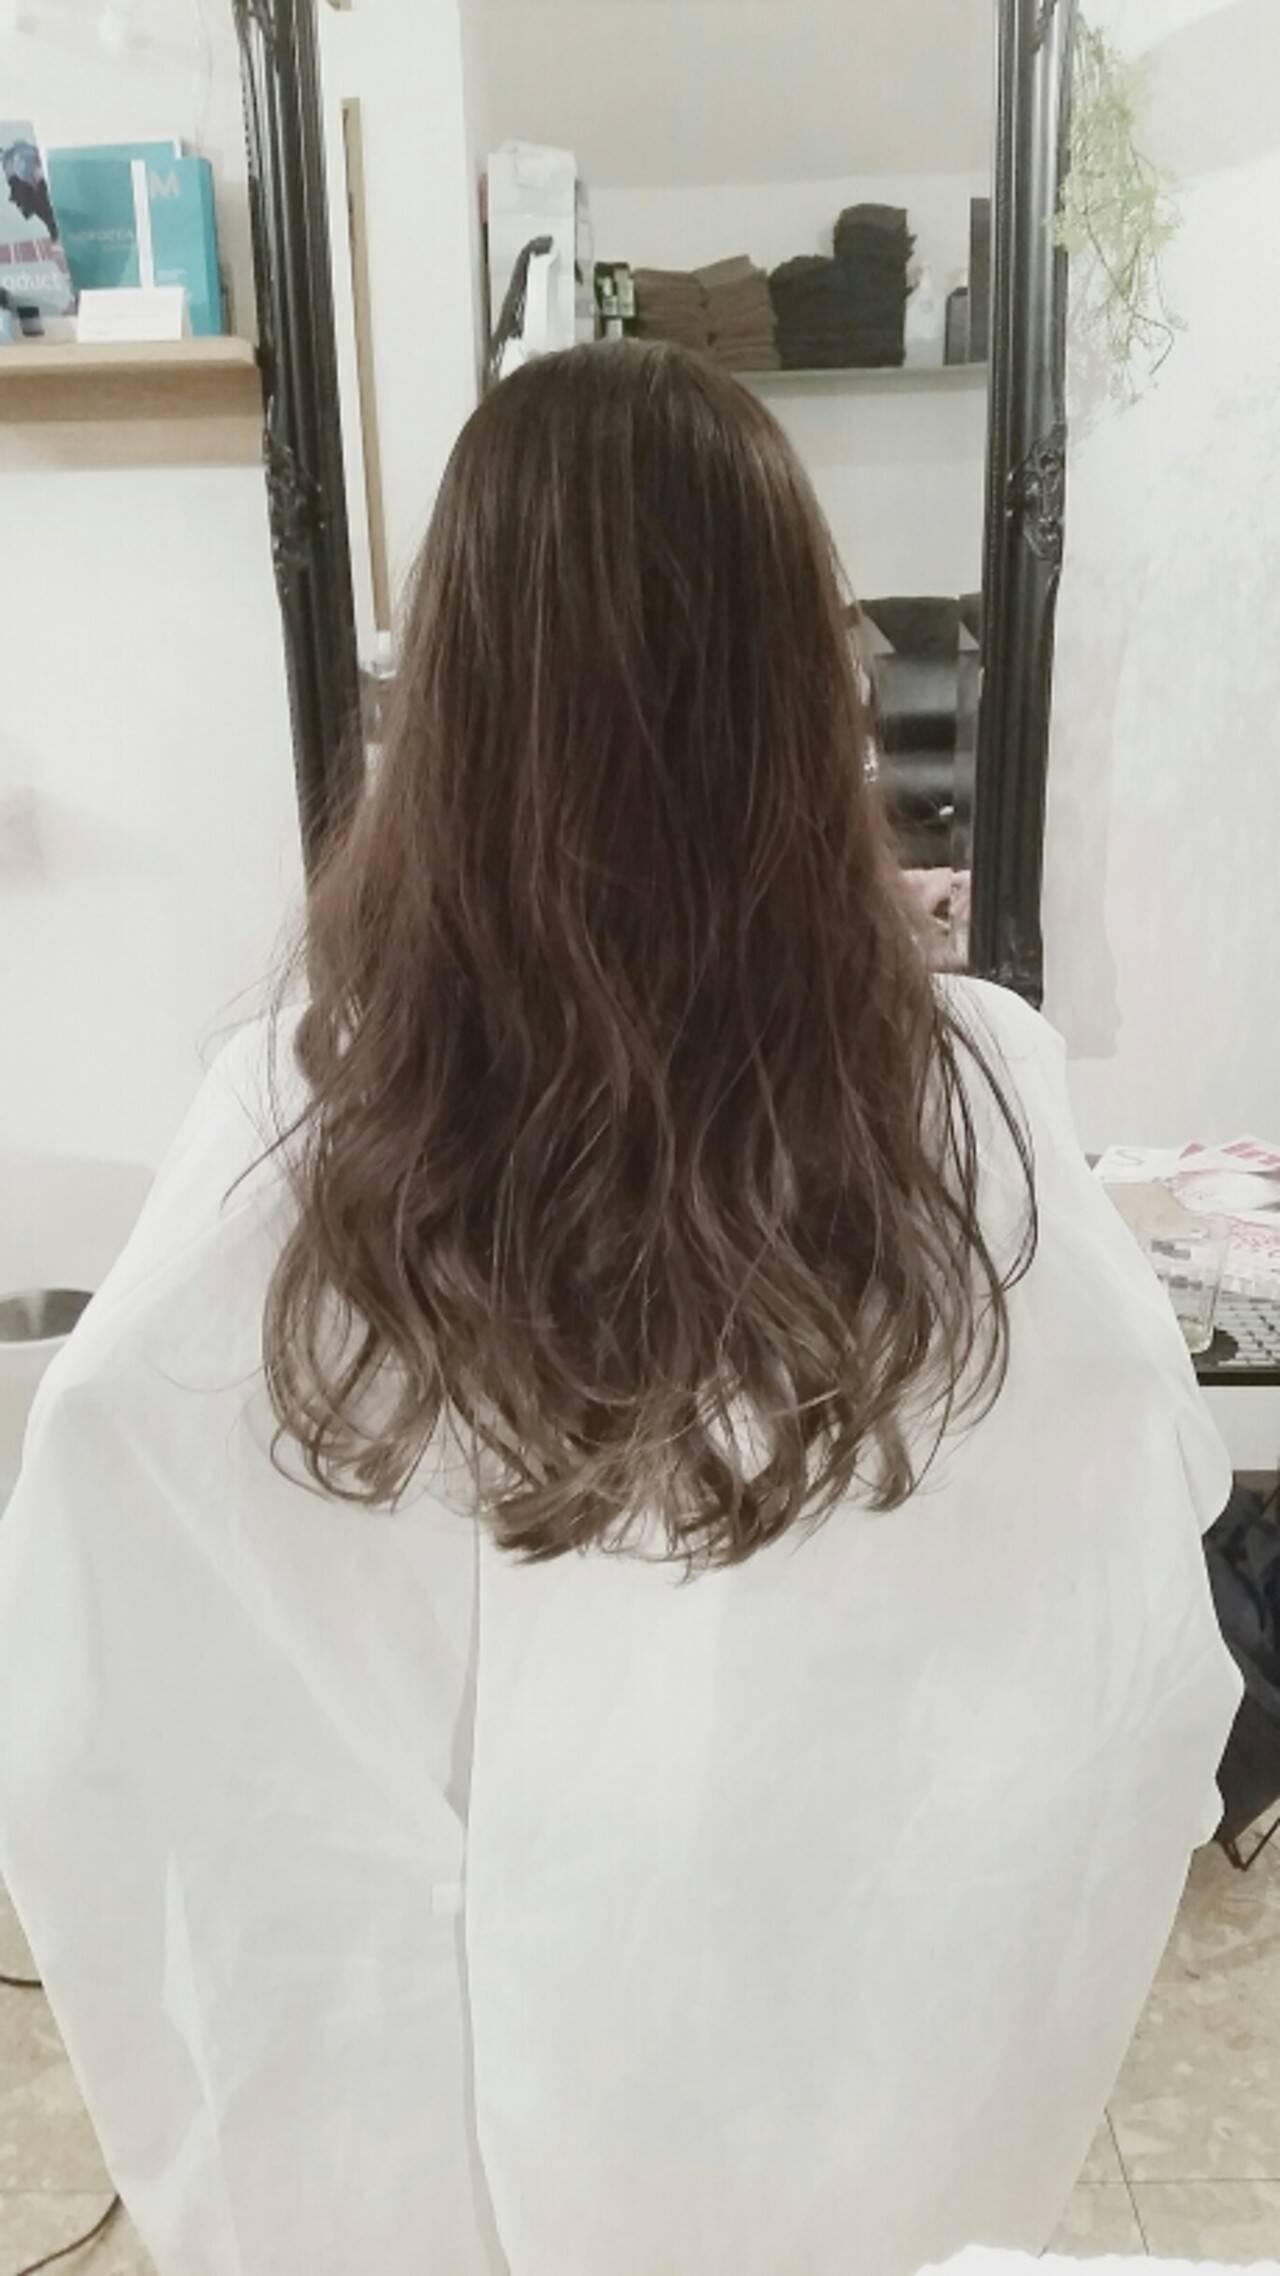 グラデーションカラー ダブルカラー ハイライト ロングヘアスタイルや髪型の写真・画像